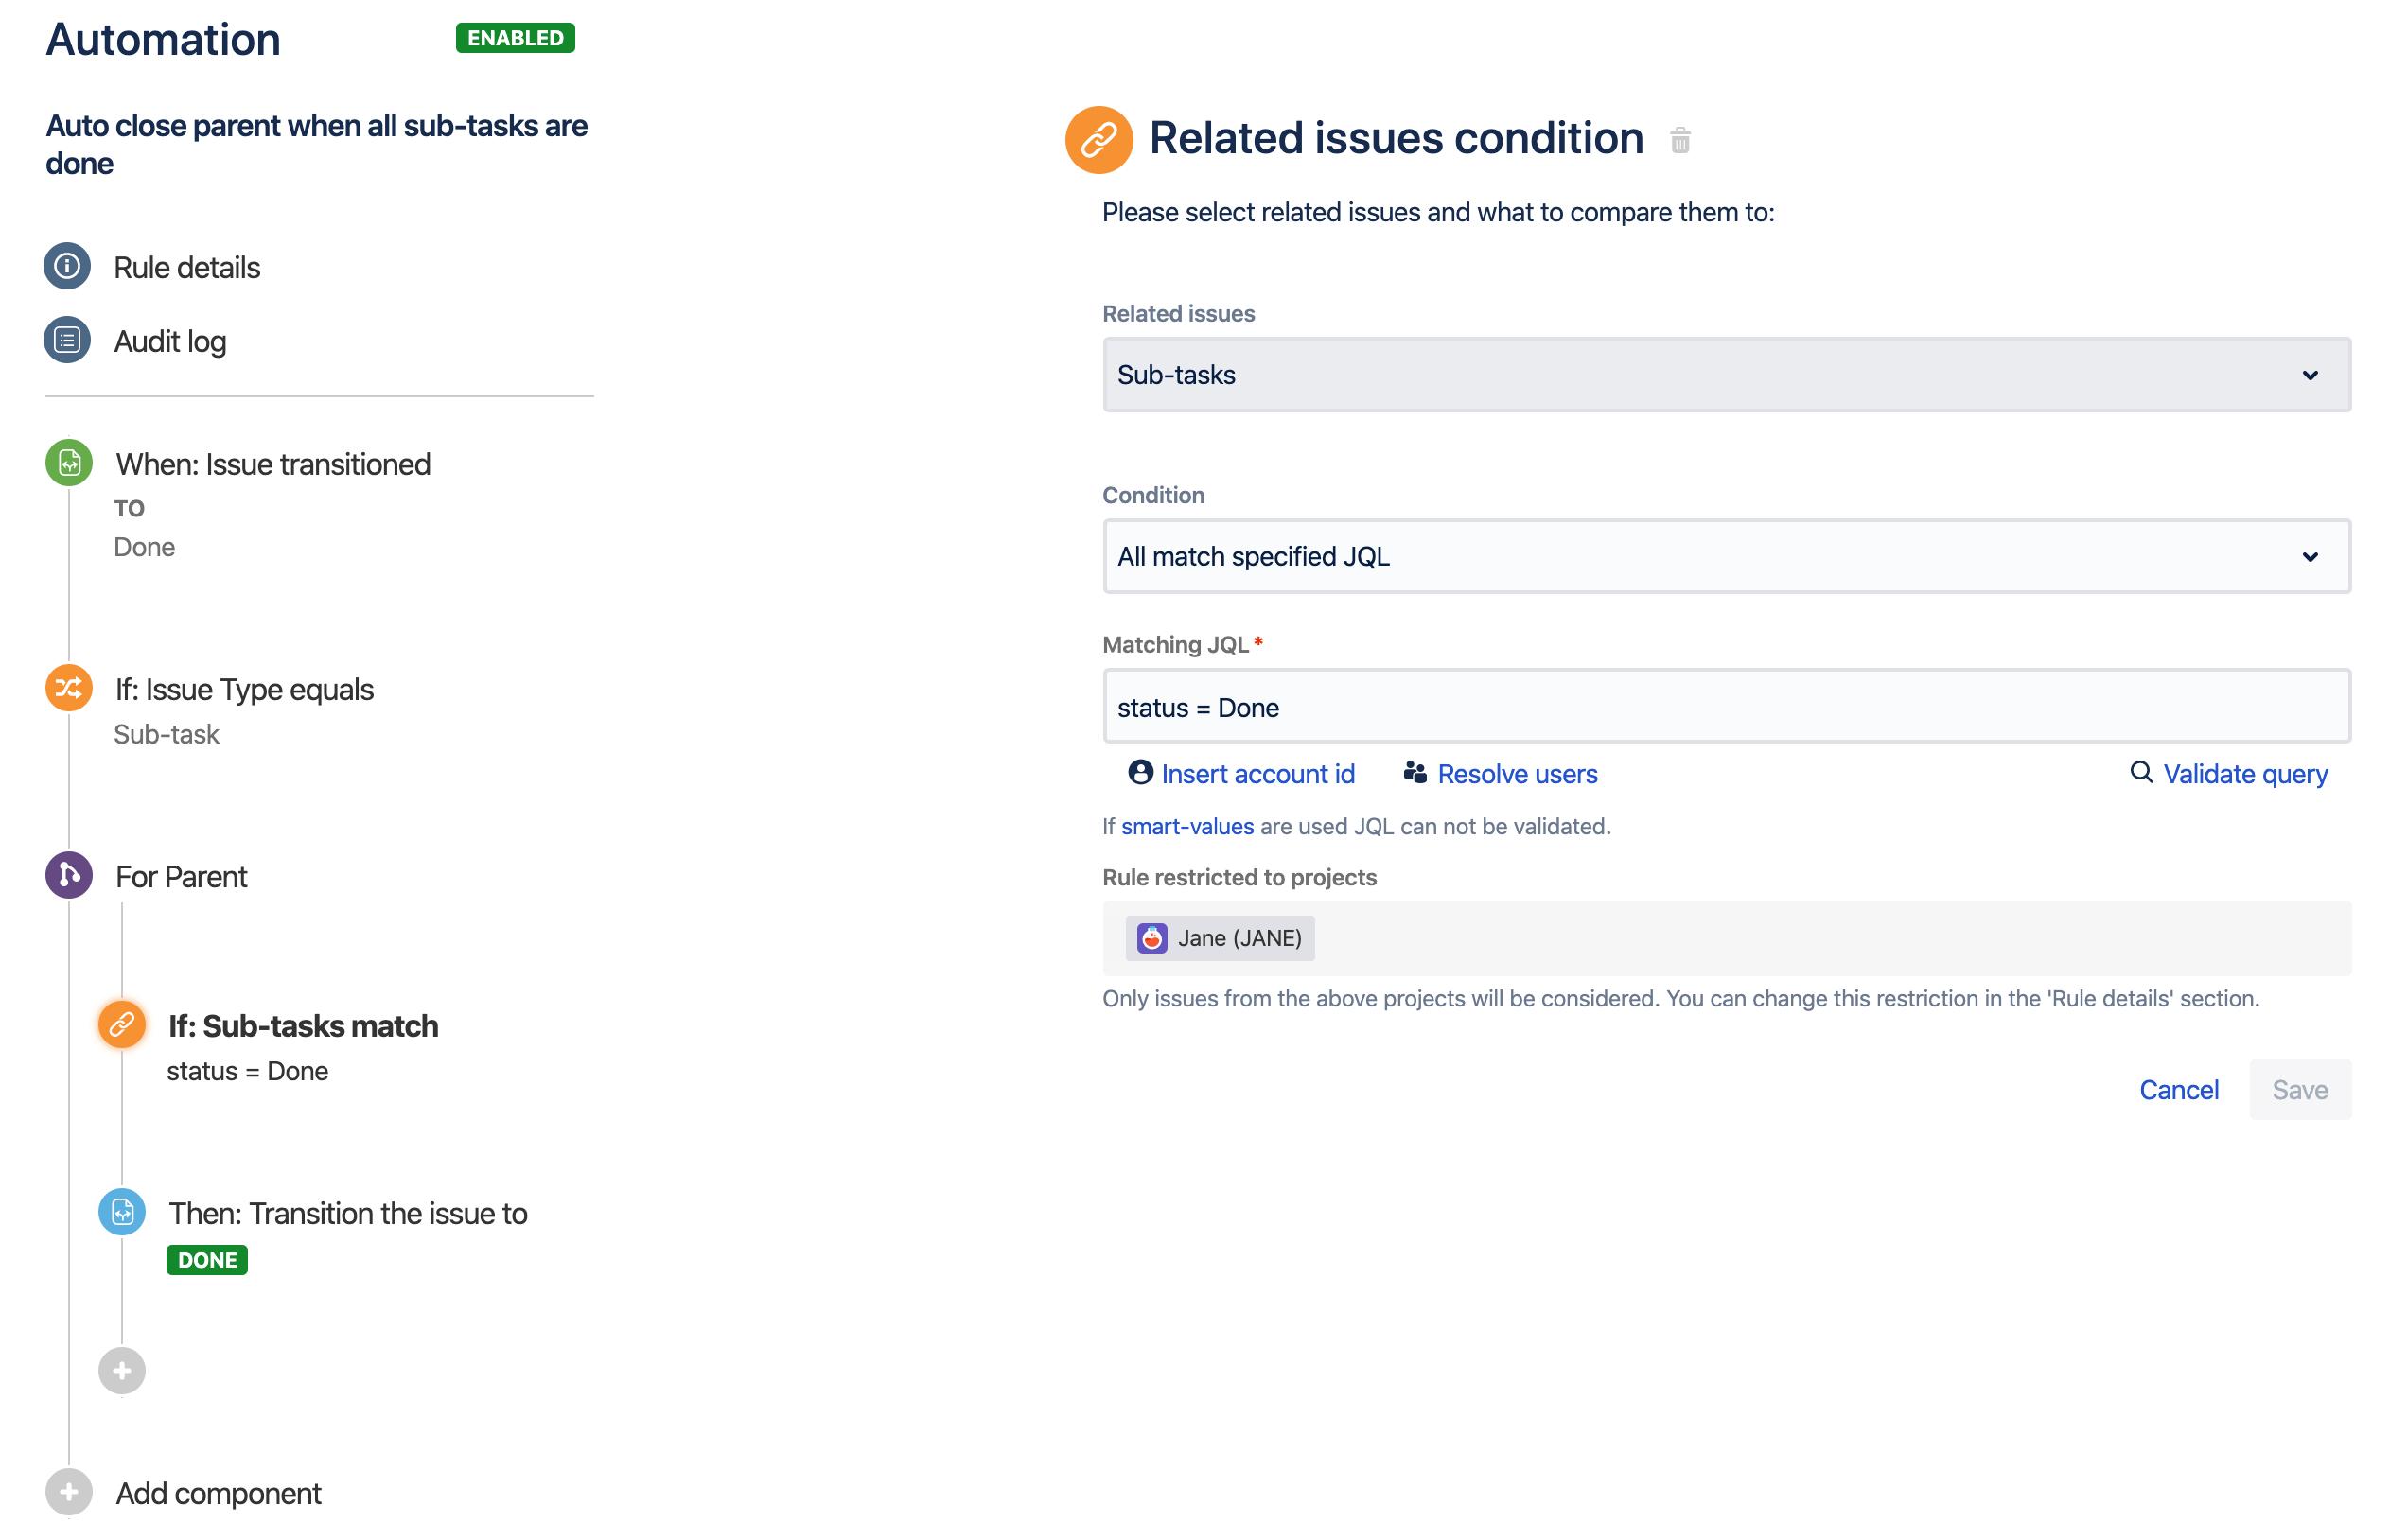 Un esempio del generatore di regole che mostra una regola per effettuare la transizione di un ticket di origine quando risolvi i relativi sottotask, nel caso in cui non siano presenti altri sottotask non risolti.